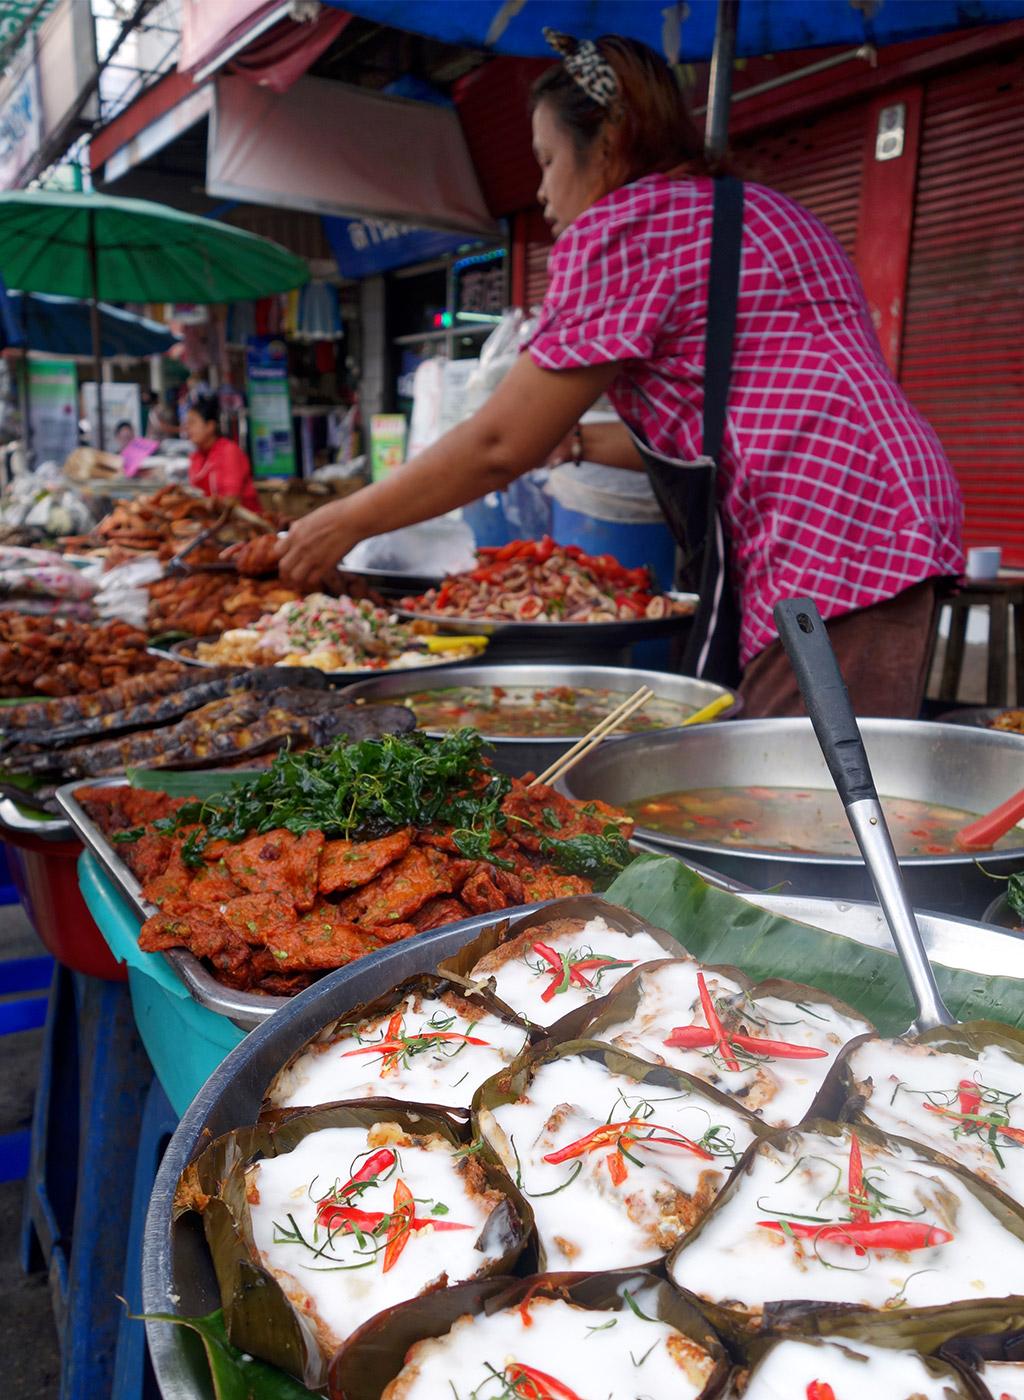 chiang-mai-thailand-sunday-night-market-2